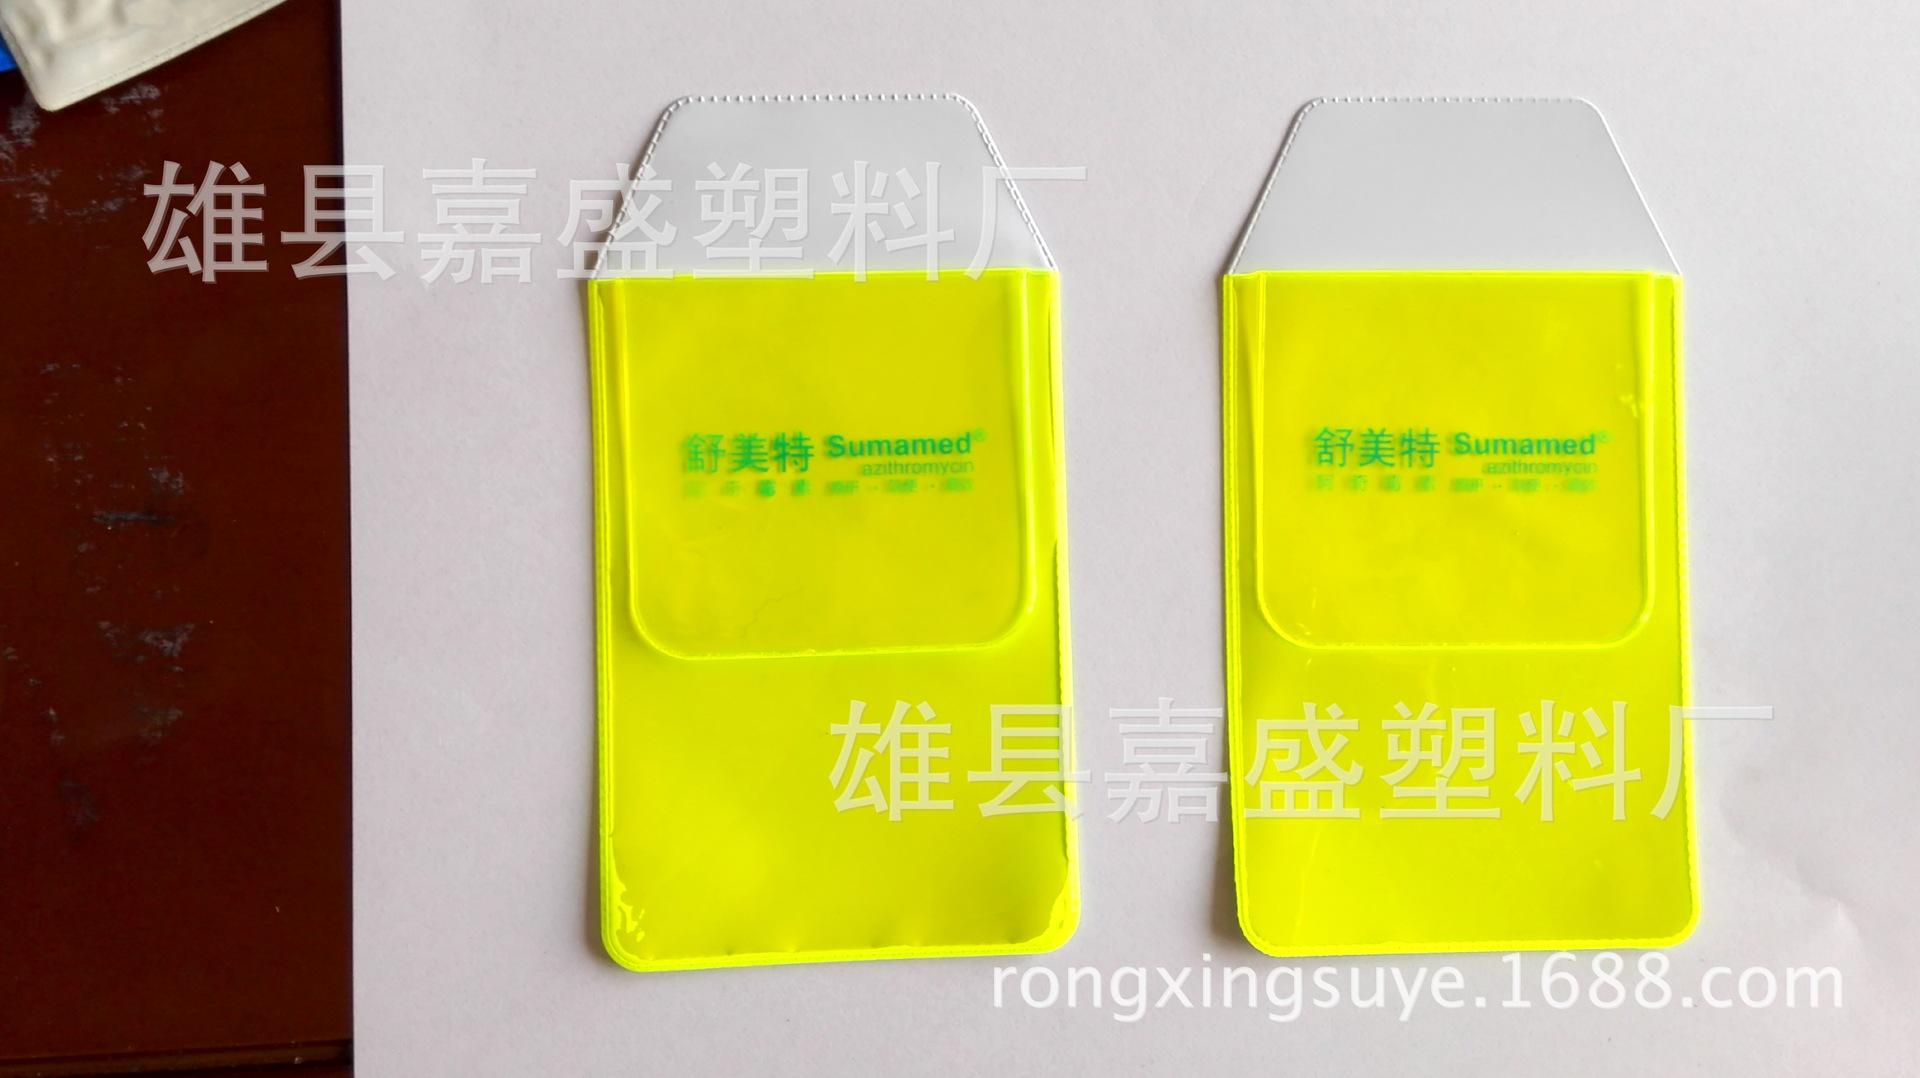 供应水晶优质医用笔袋 临床医生插笔袋 医药广告礼品赠品